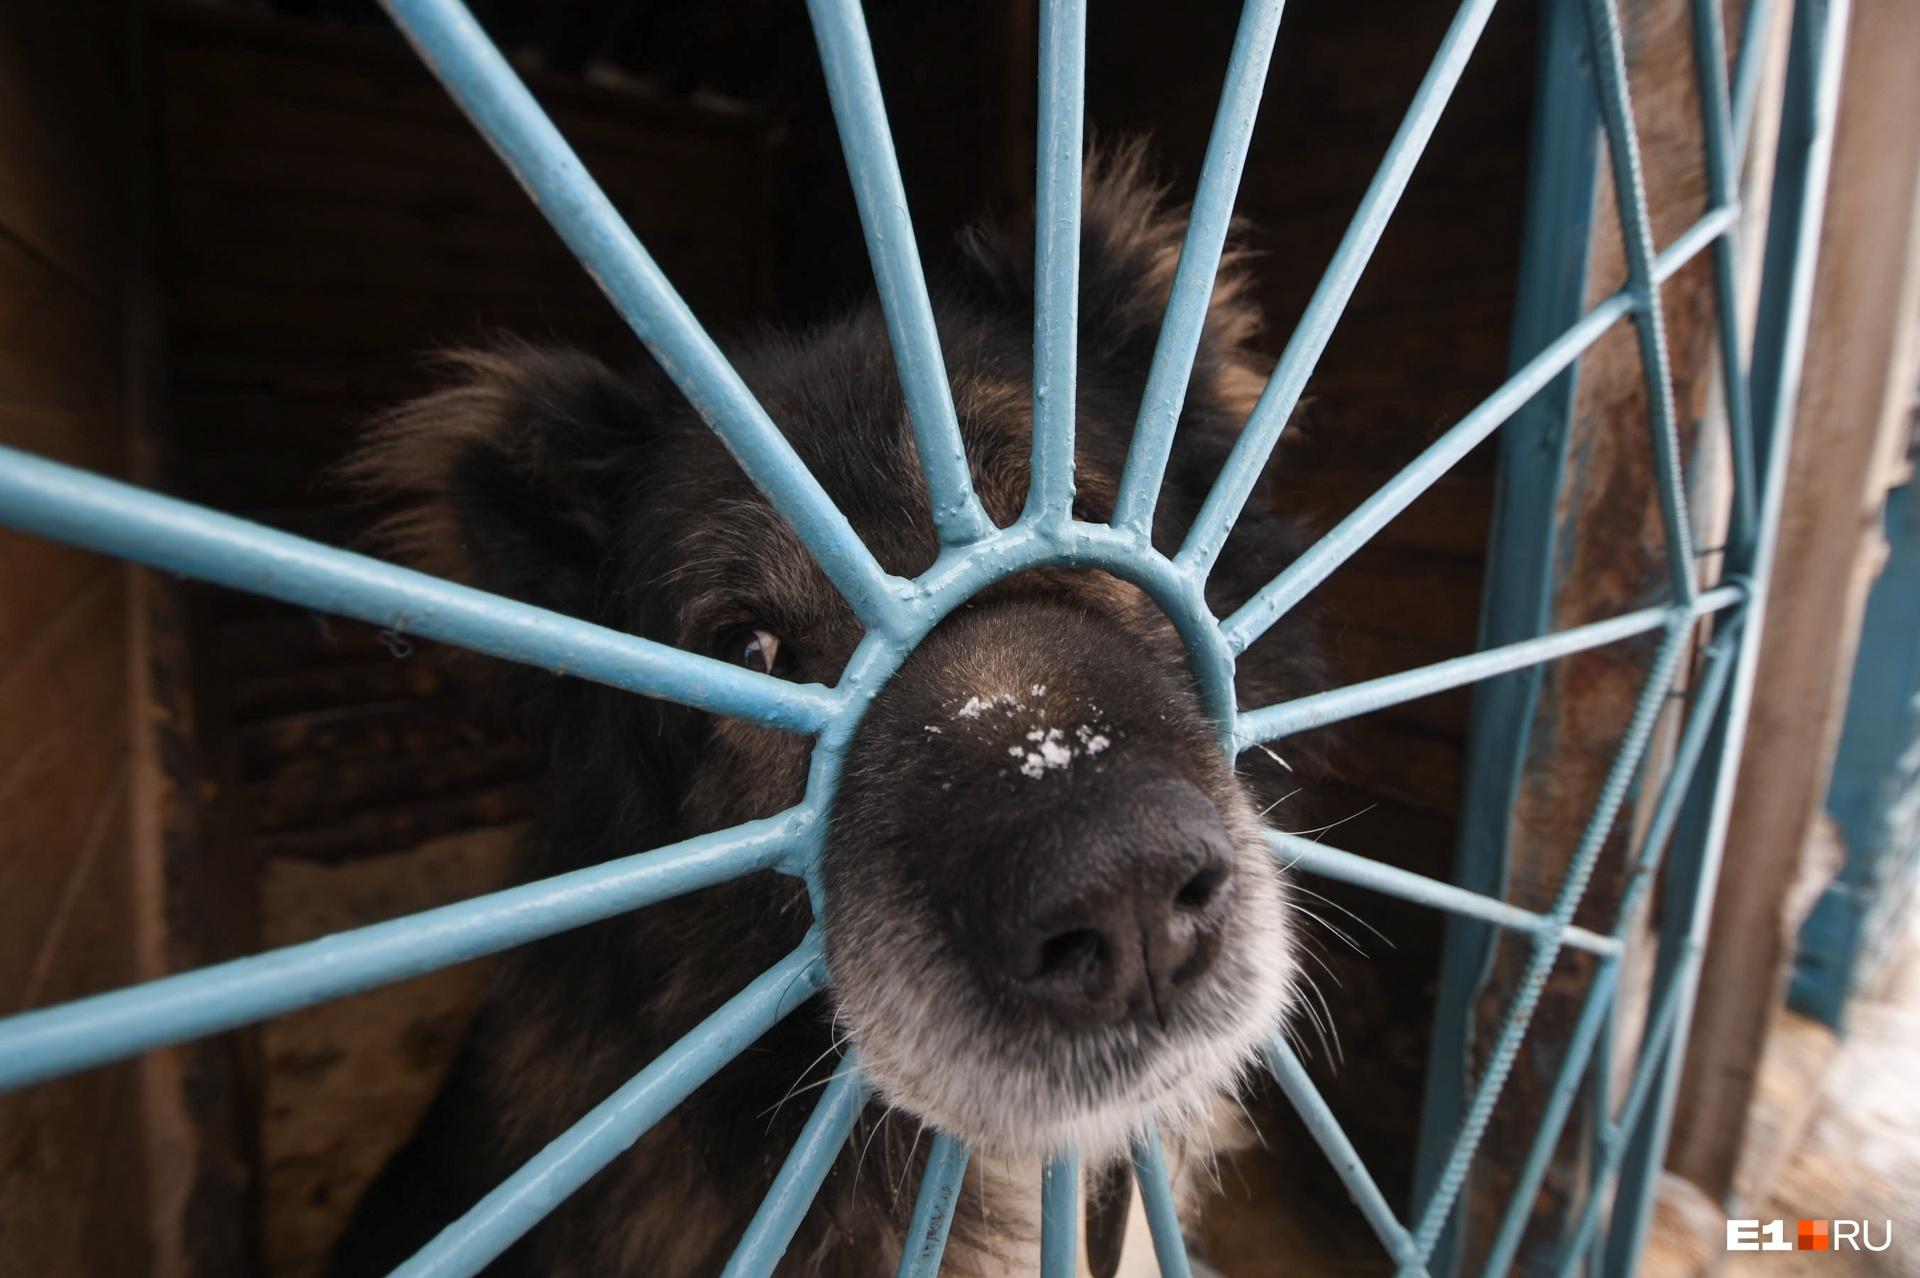 Тот самый Марк, напугавший людей на Новомосковском рынке